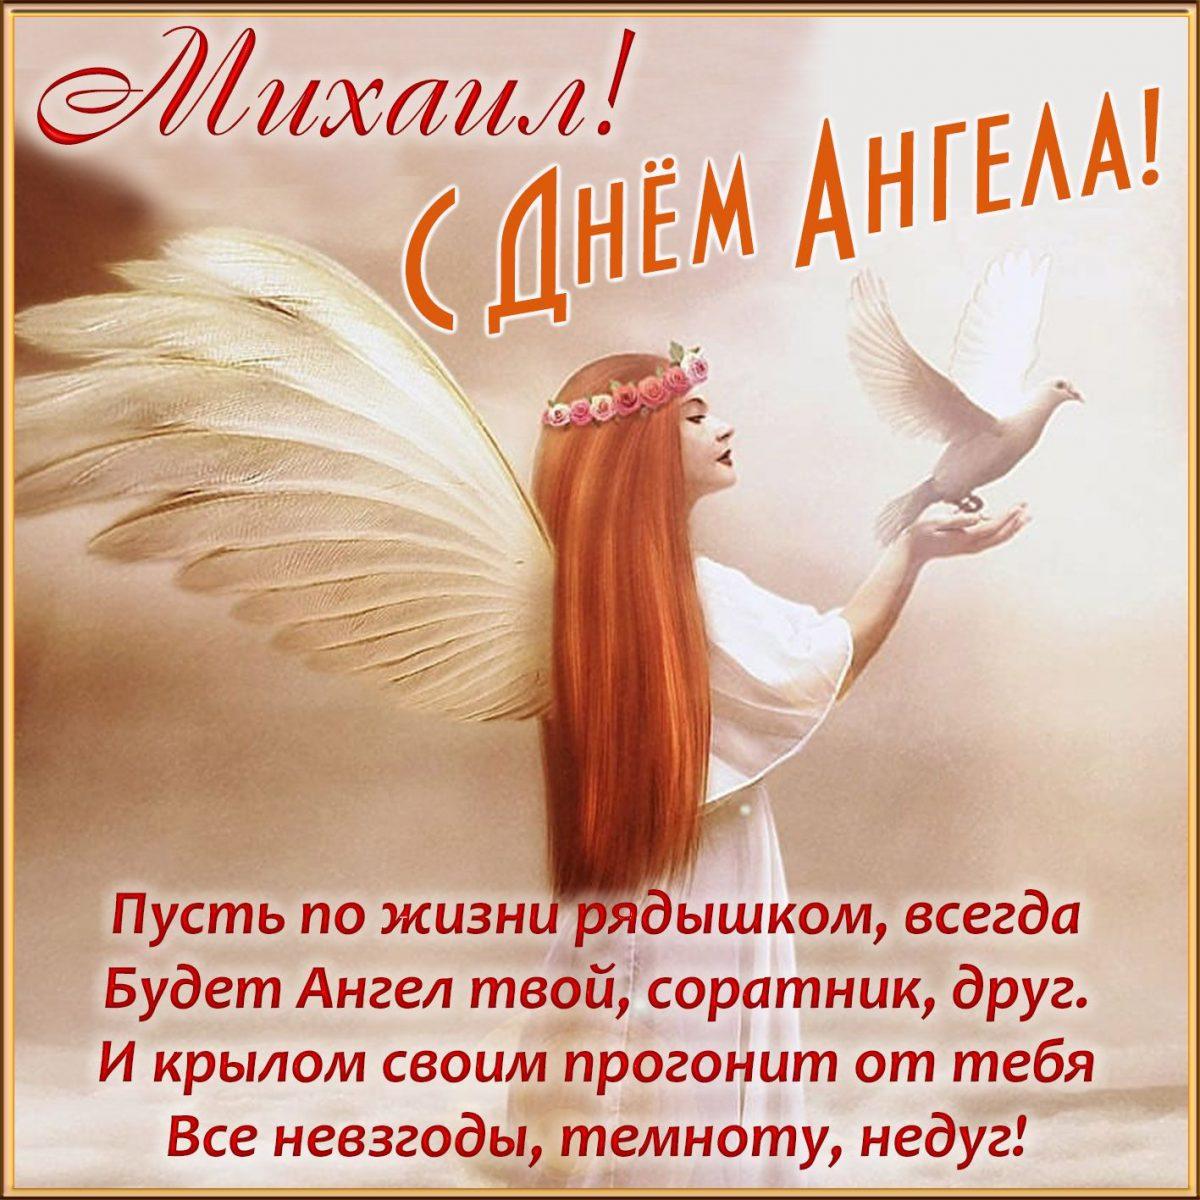 7 января, именины Михаила: значение имени и шикарные поздравления - ТЕЛЕГРАФ